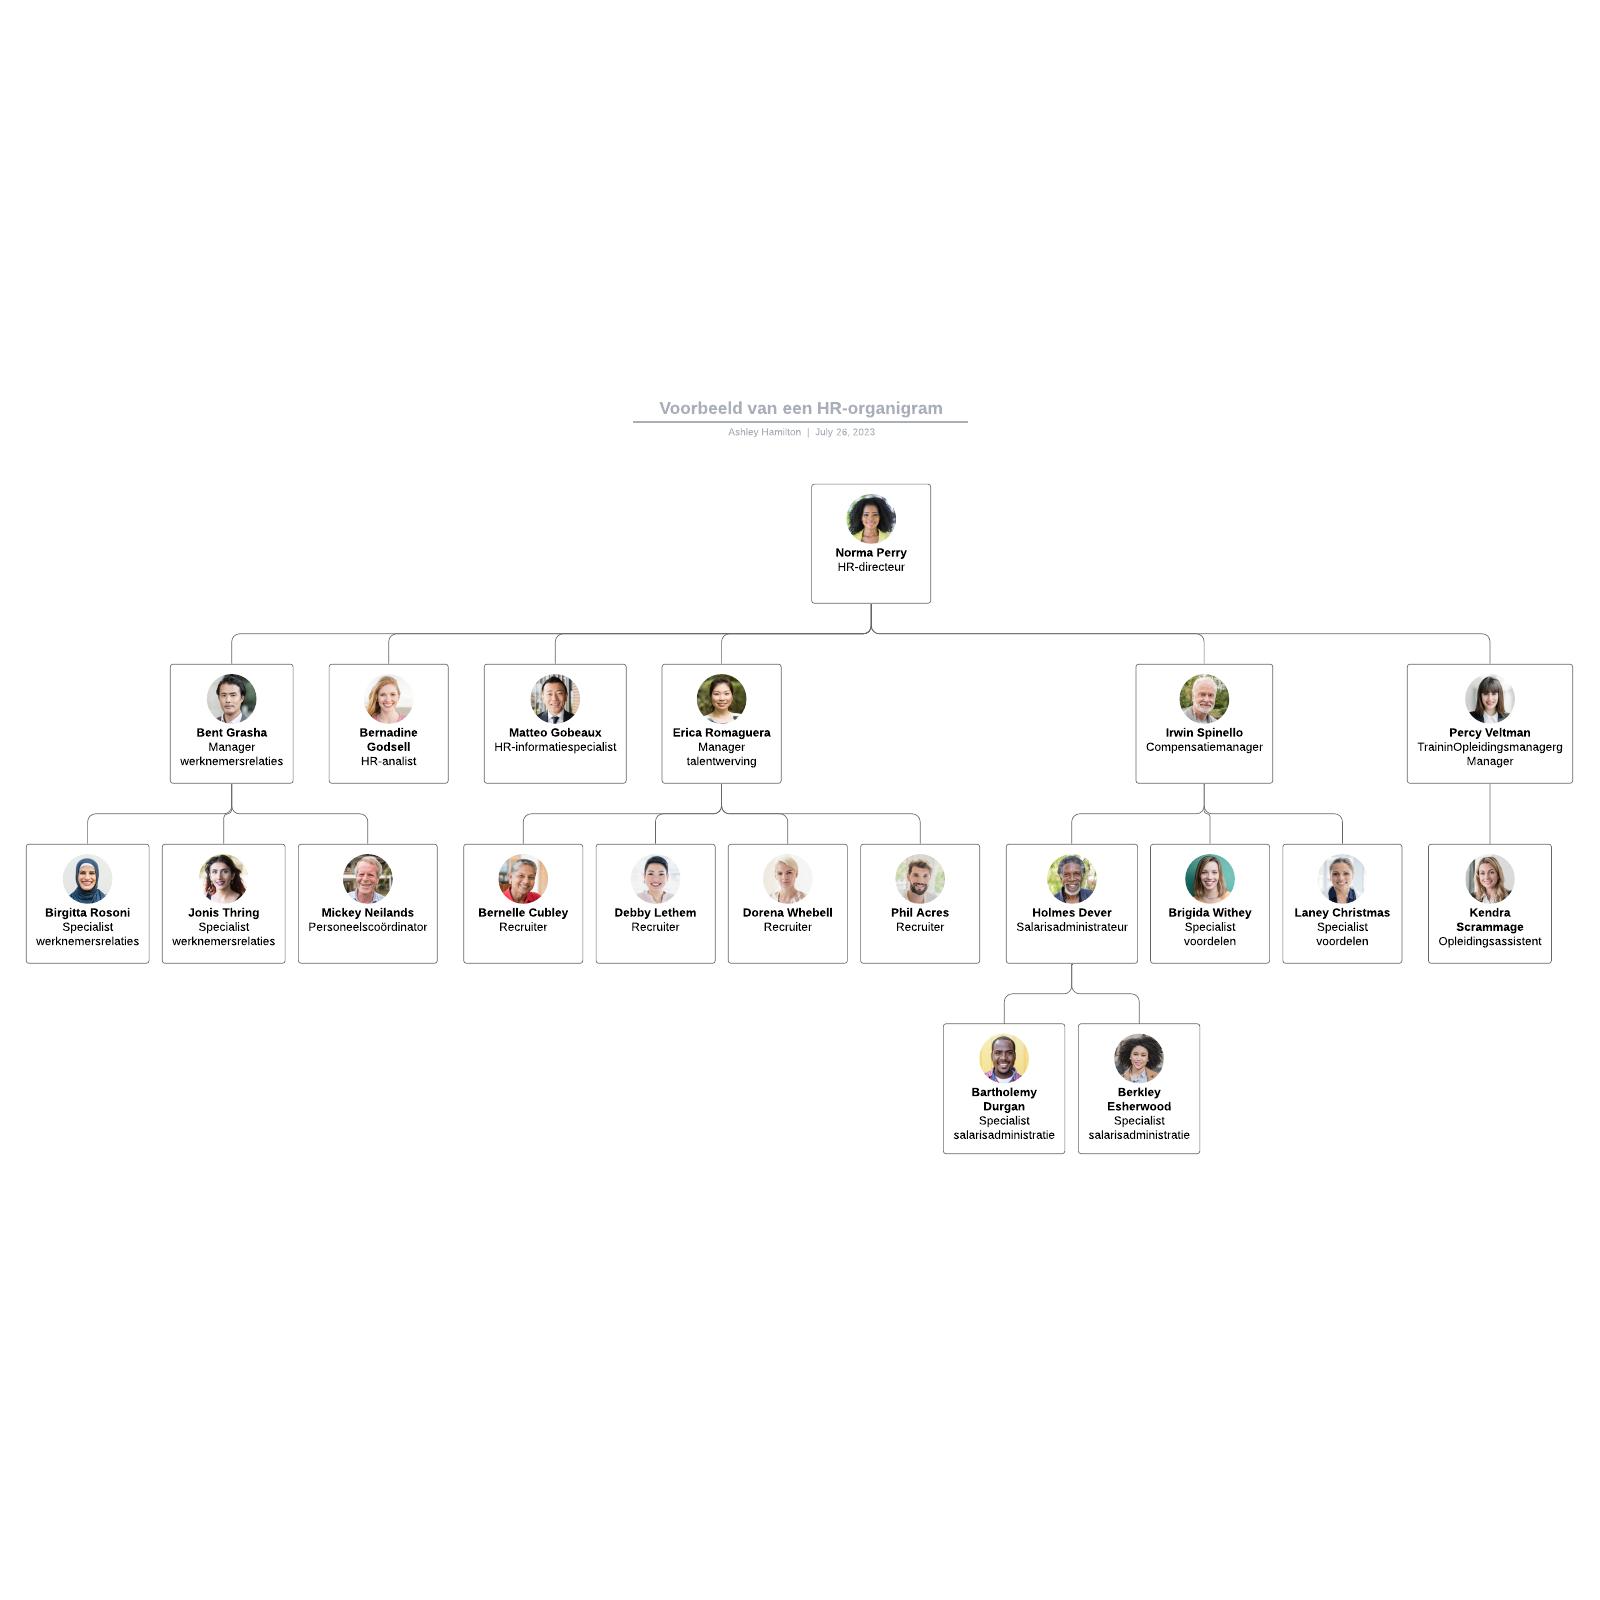 Voorbeeld van een HR-organigram